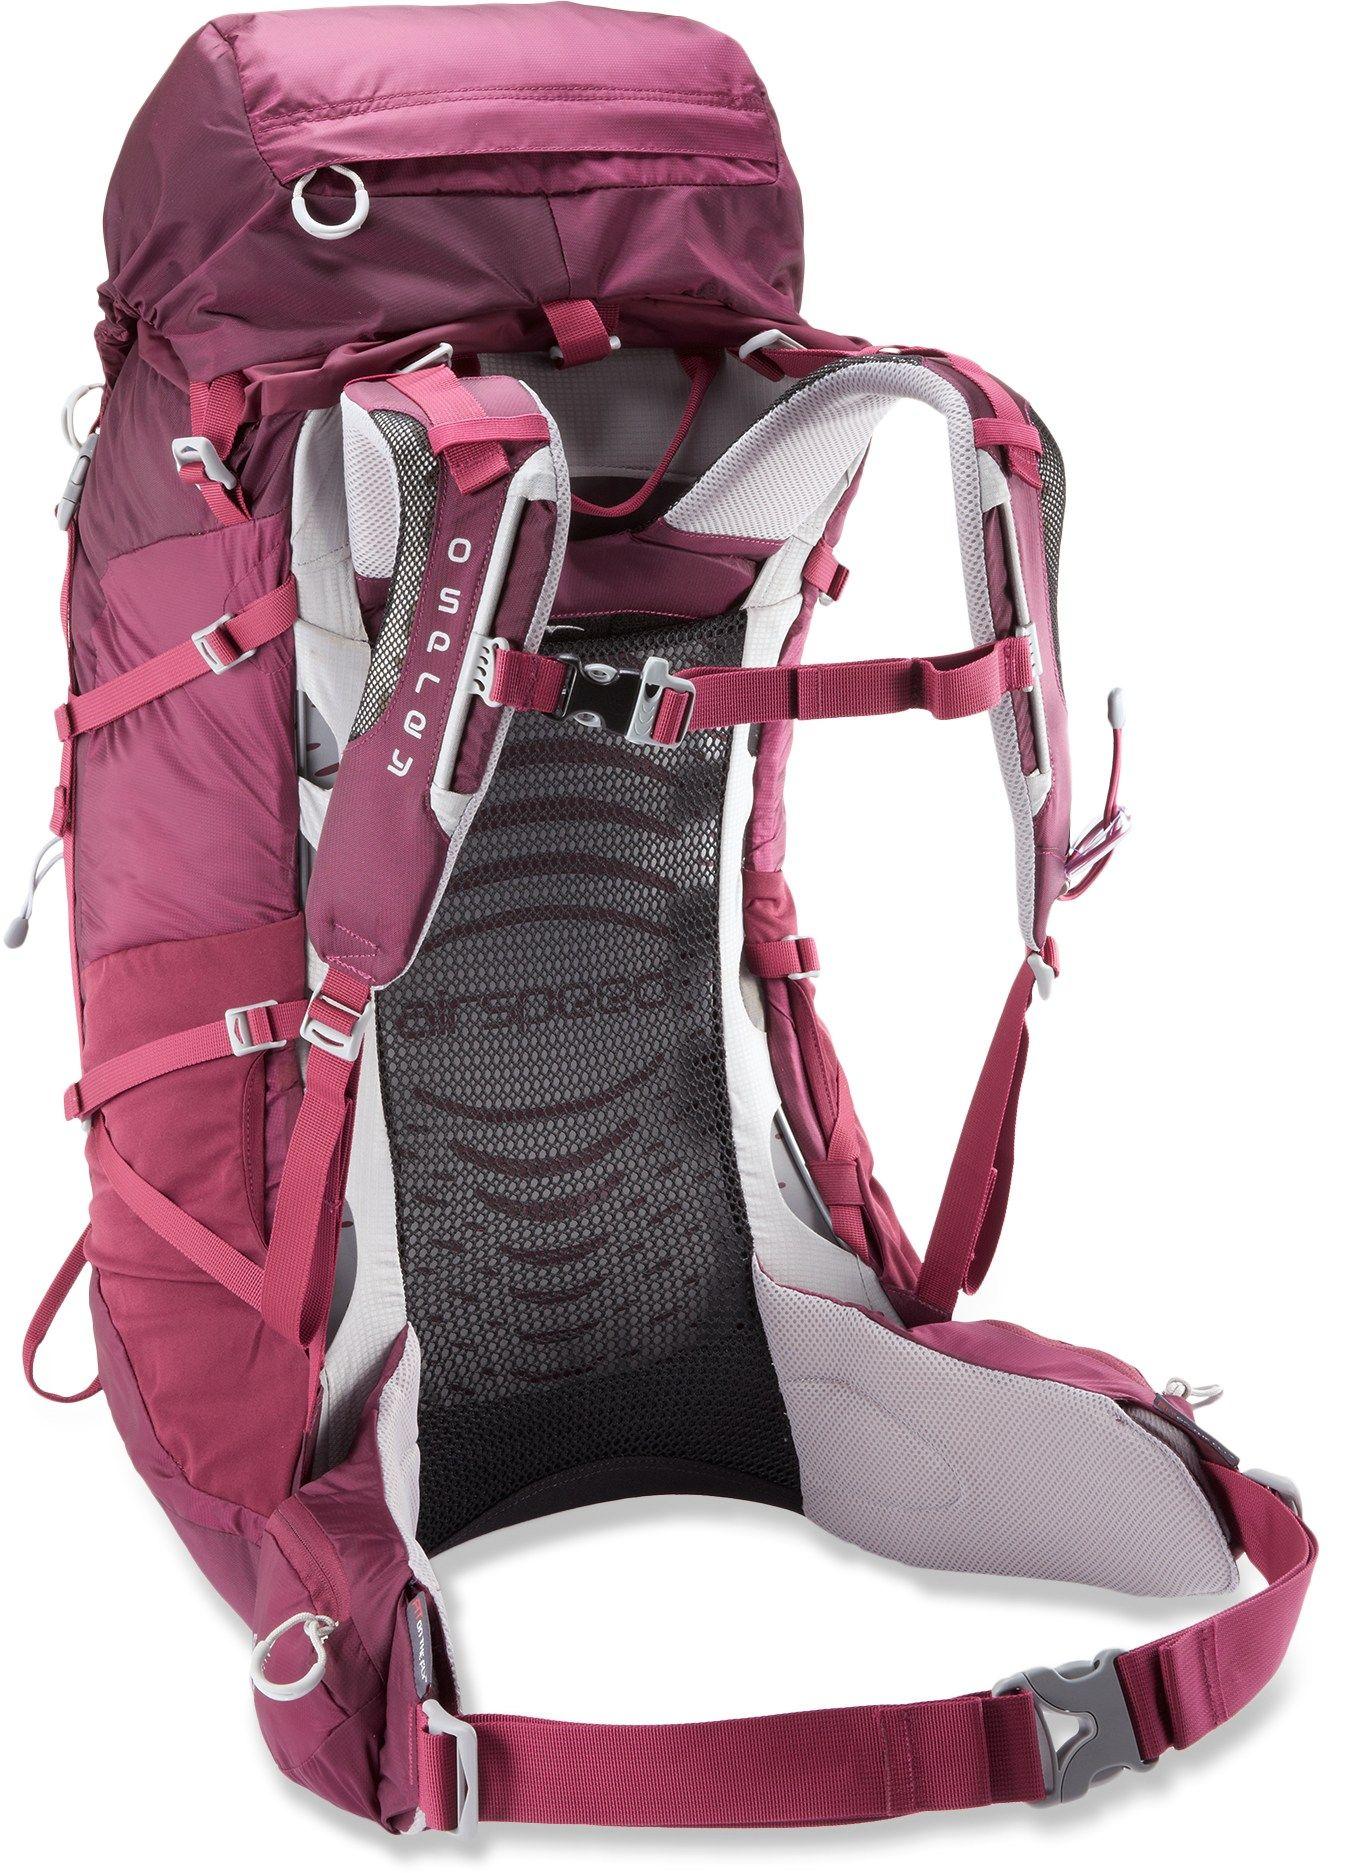 75fb5b7541e8 Osprey Aura 50 Pack - Women s - REI.com